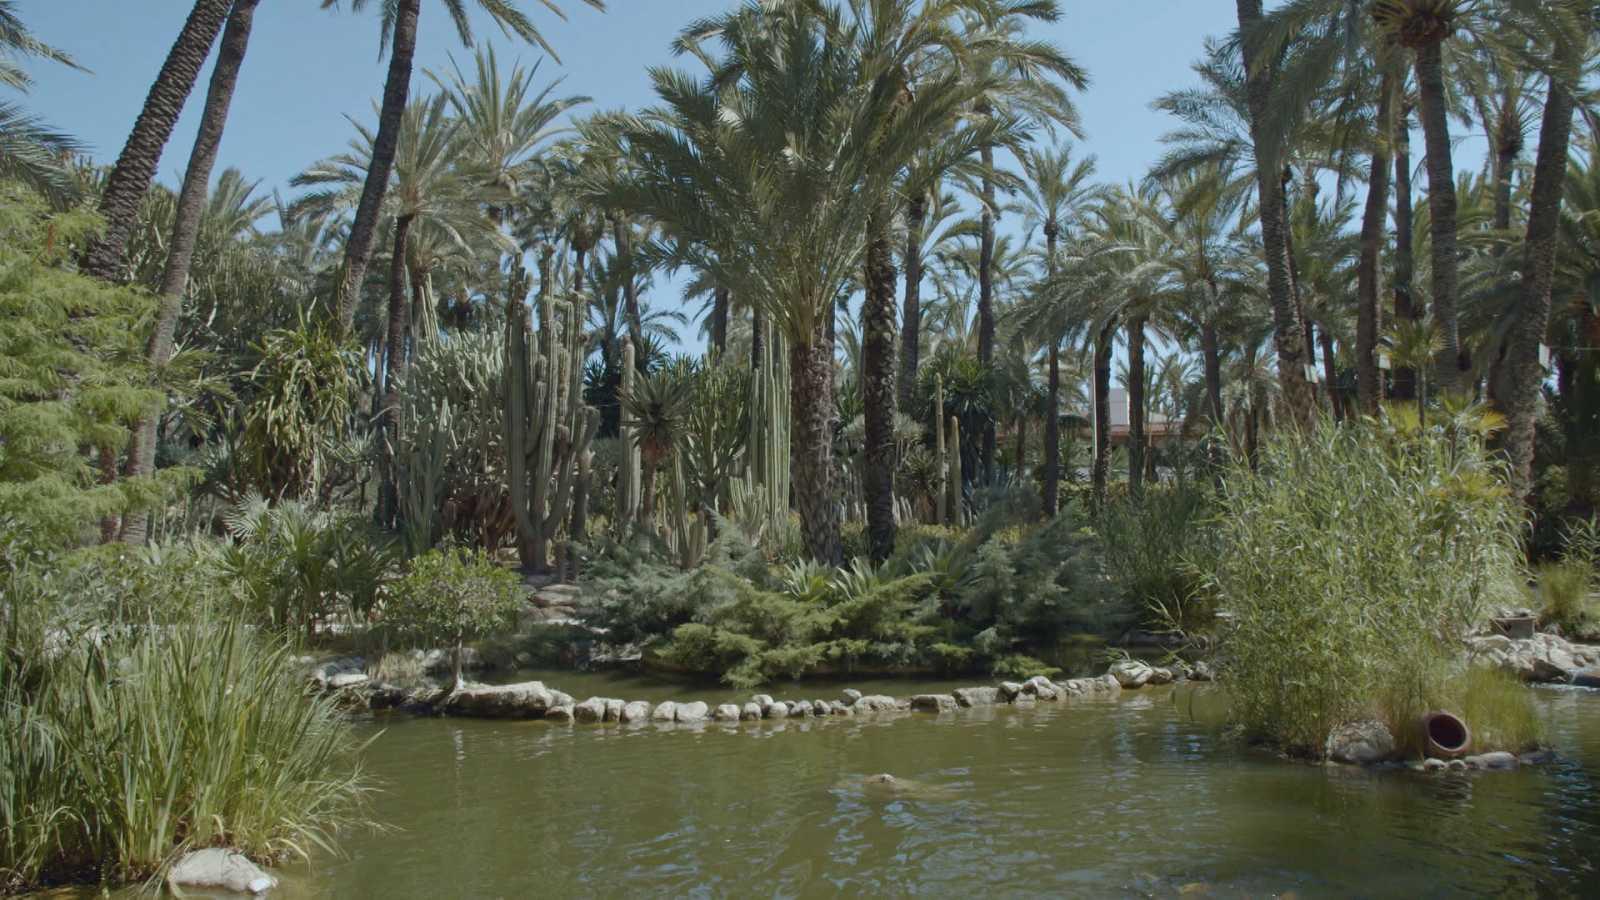 Jardines con historia - Alicante: Palmeral de Elche - ver ahora